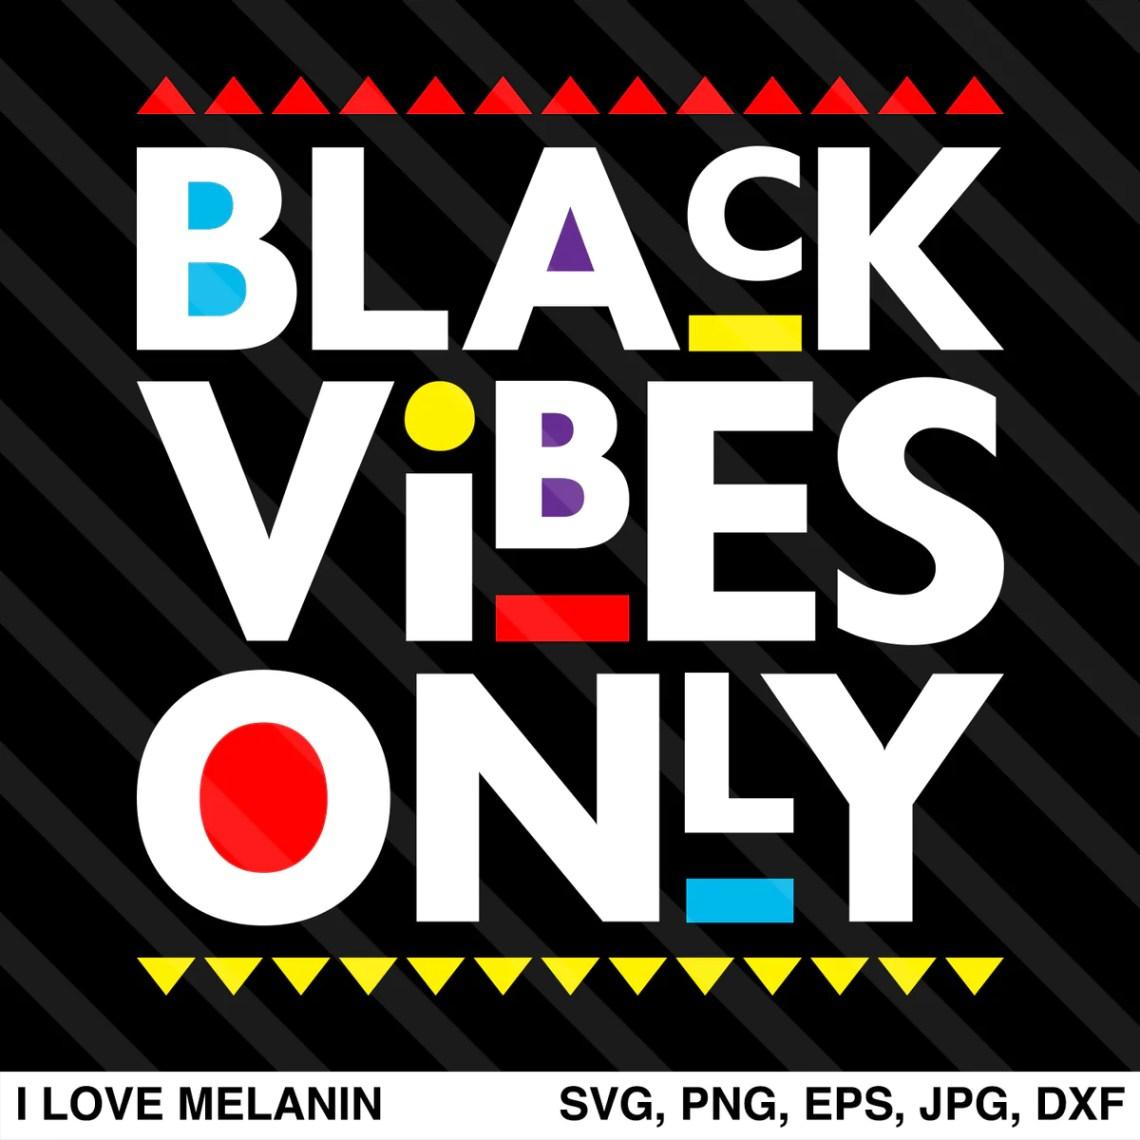 Download Black Vibes Only SVG - I Love Melanin